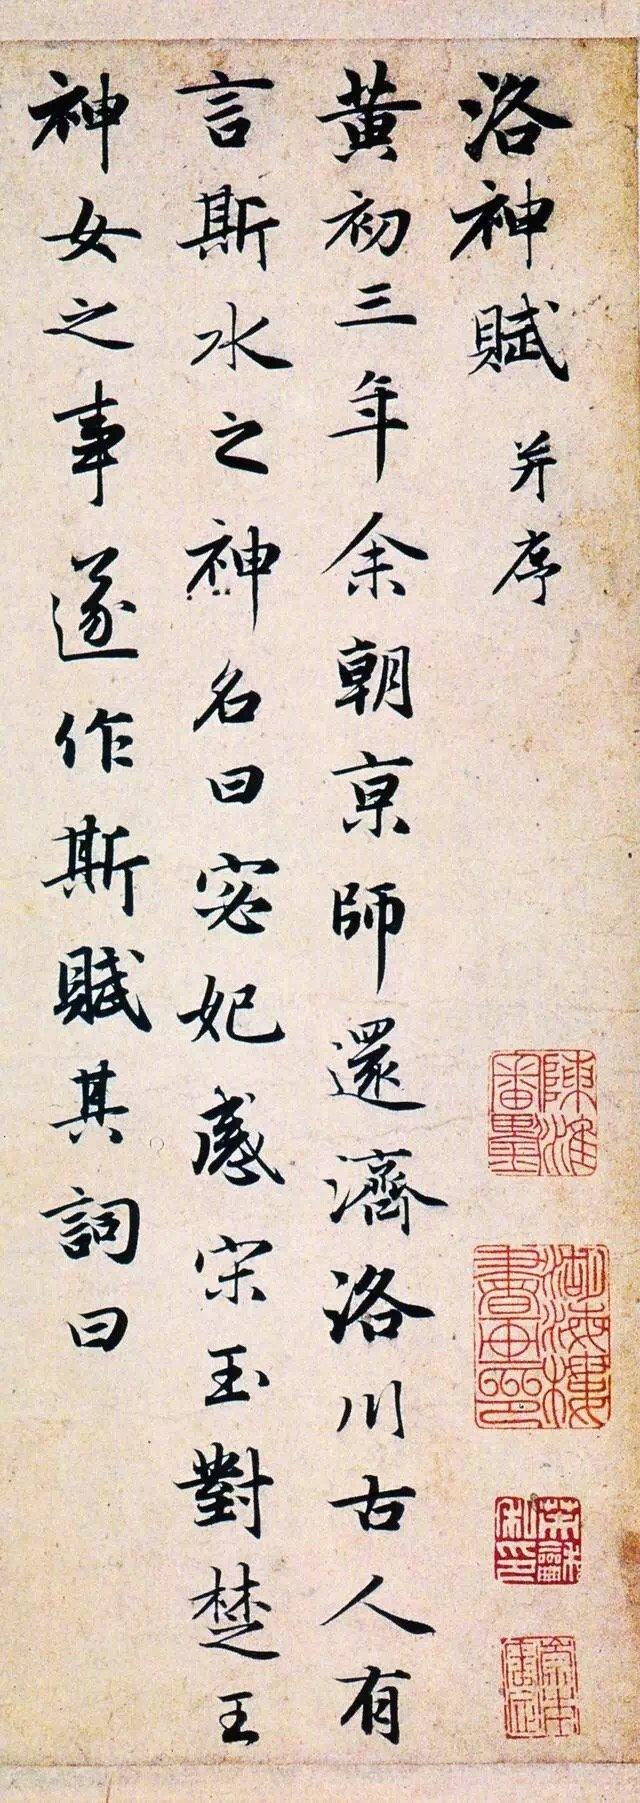 顾恺之 《洛神赋图》 赵孟頫书《洛神赋》 | 全卷共80行